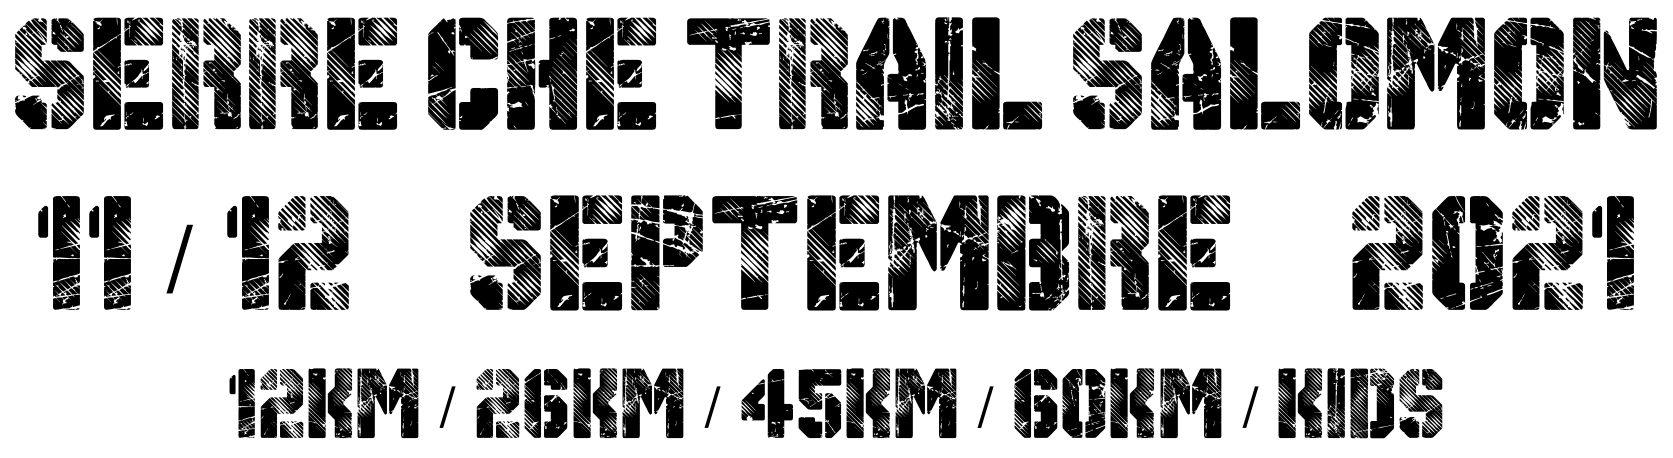 Serre Che Trail Salomon 2021